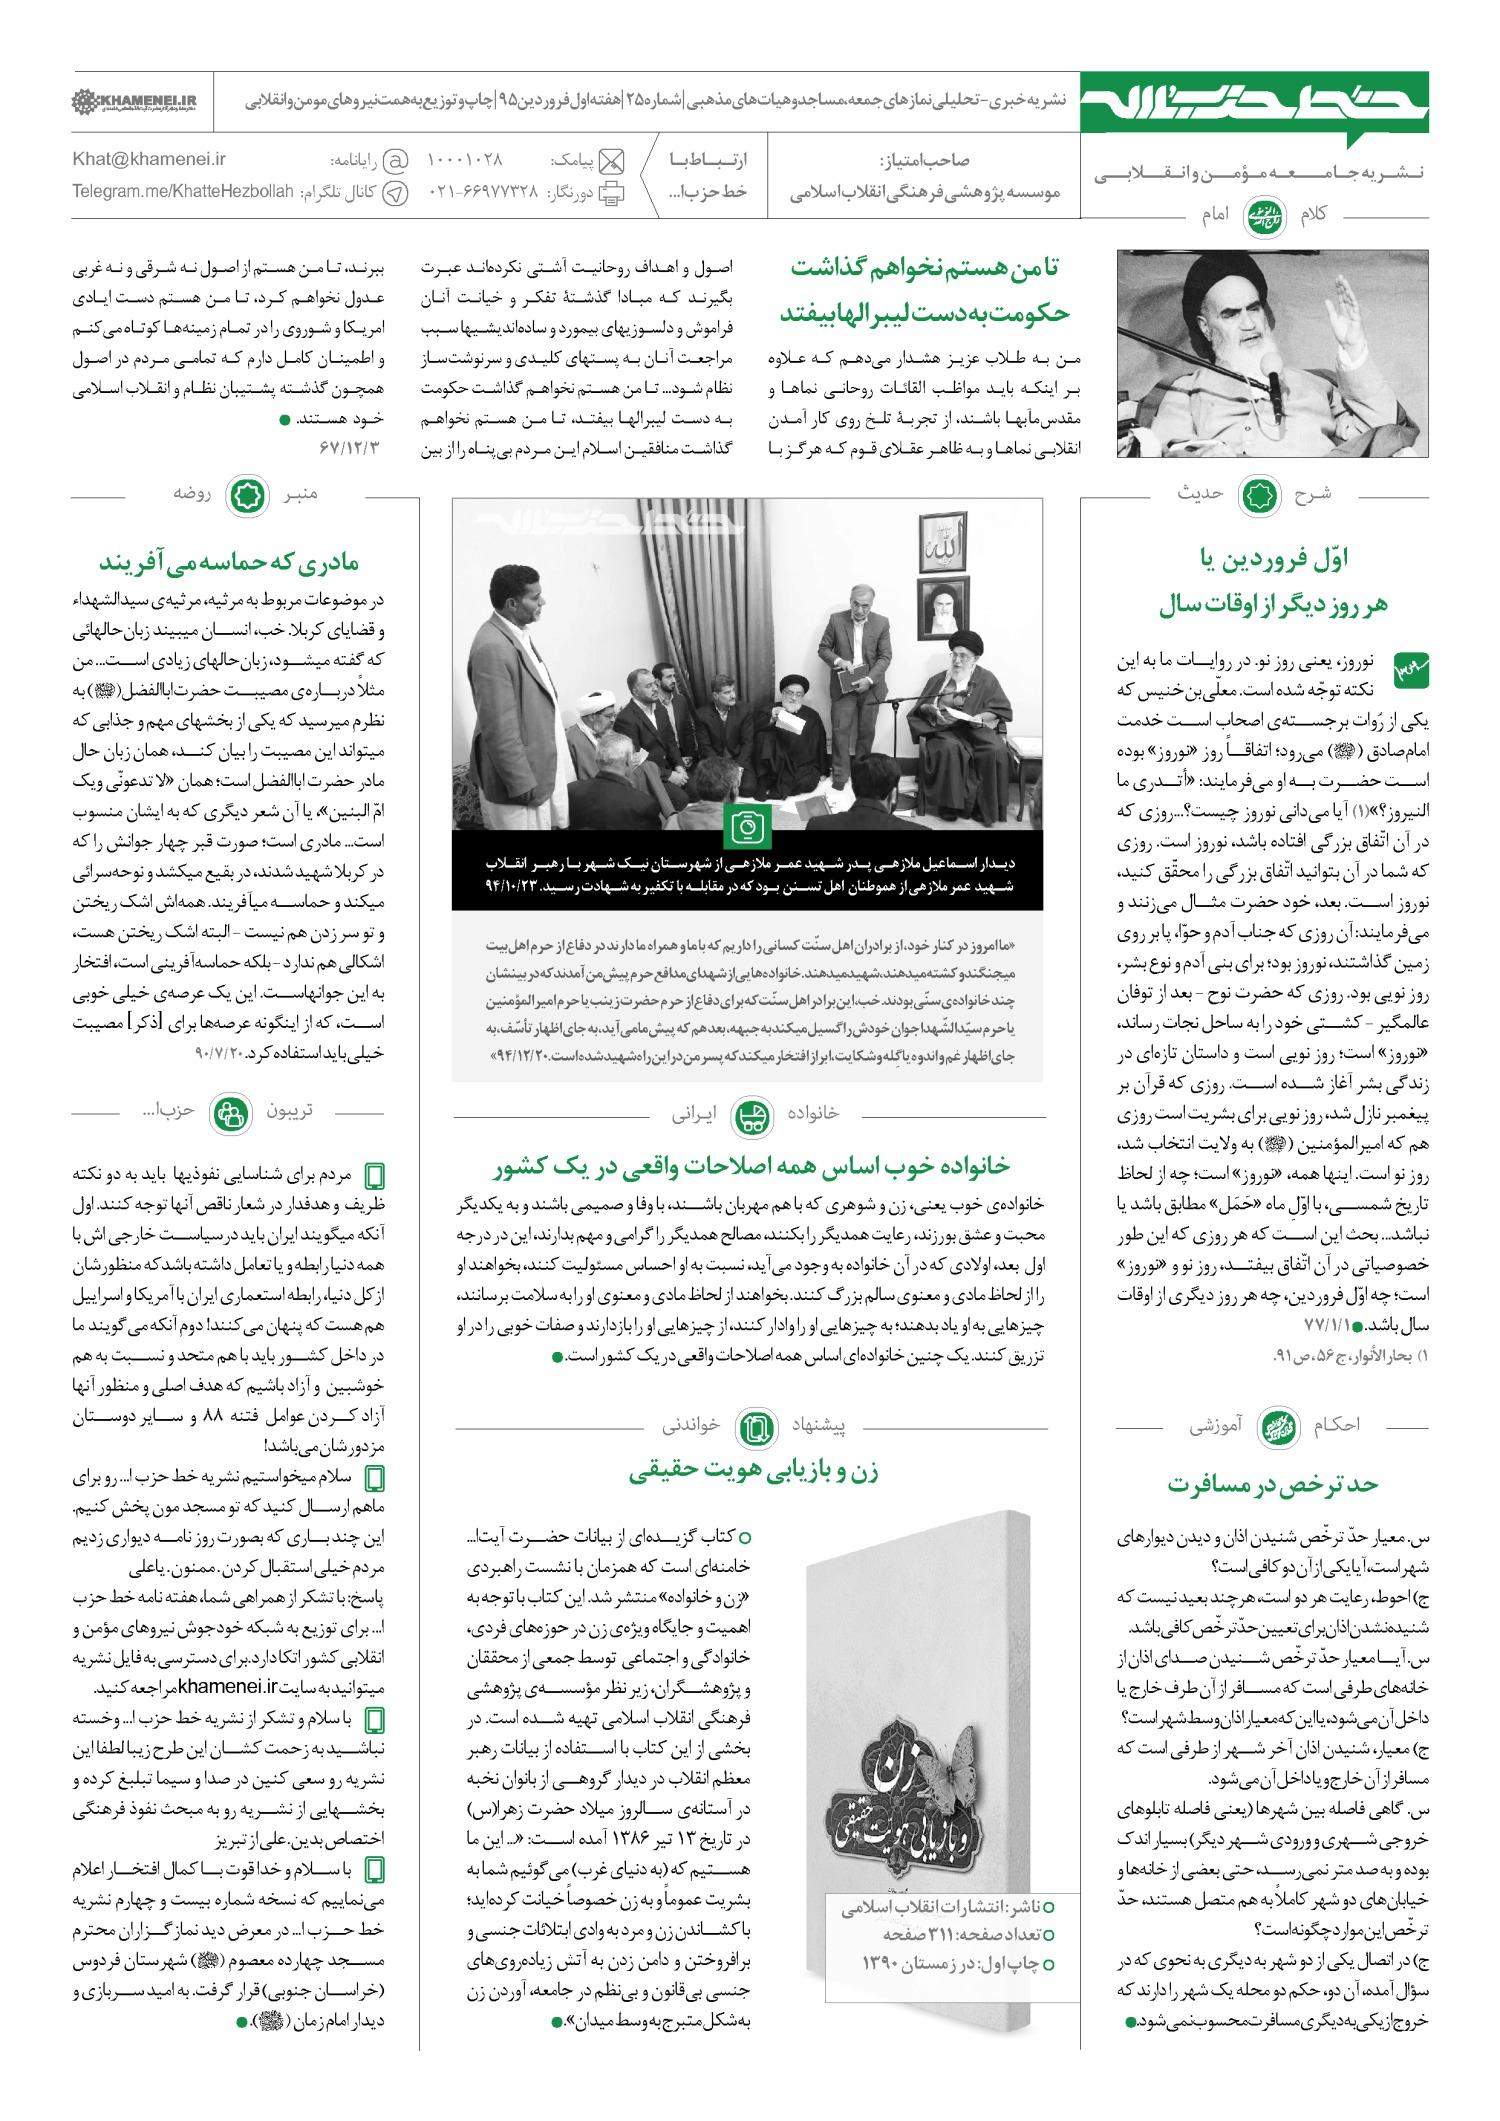 خط حزب الله -شماره بیست و پنجم خط حزب الله -شماره پنجم خط حزب الله -شماره بیست و پنجم page large 4 2